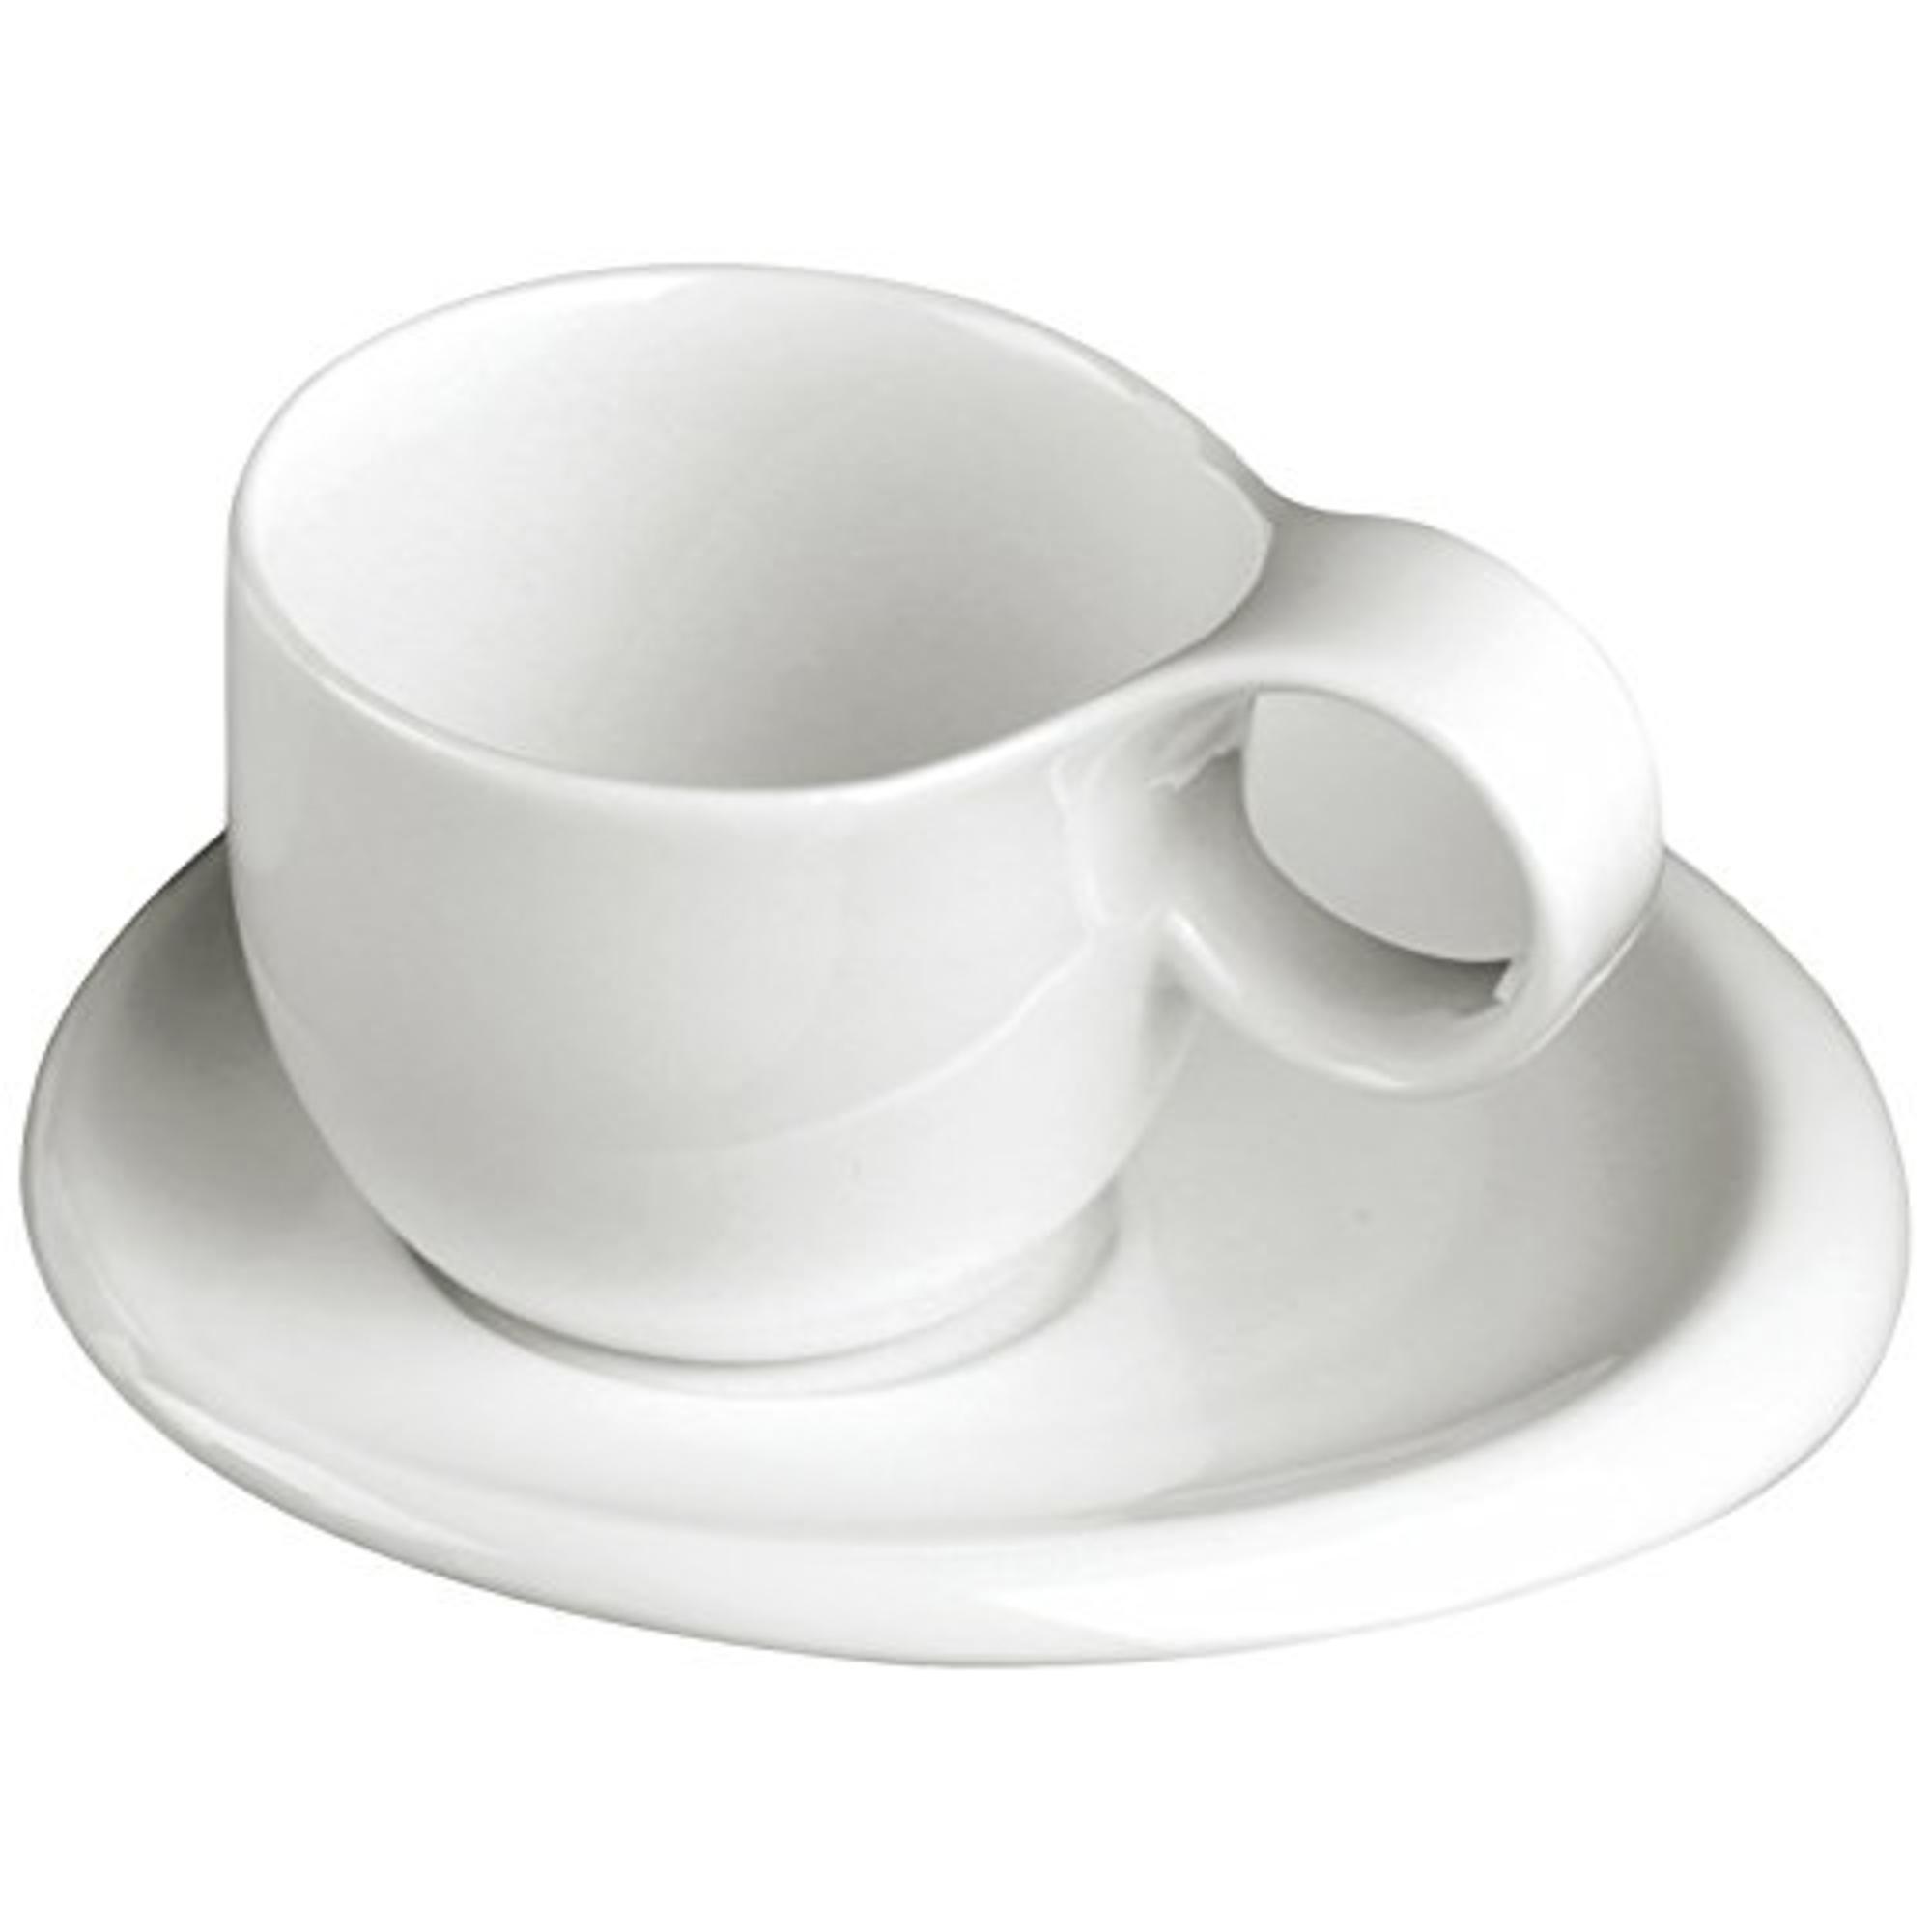 Набор кофейный Deagourmet Ninfea Classic 4 предмета 100 мл (15)